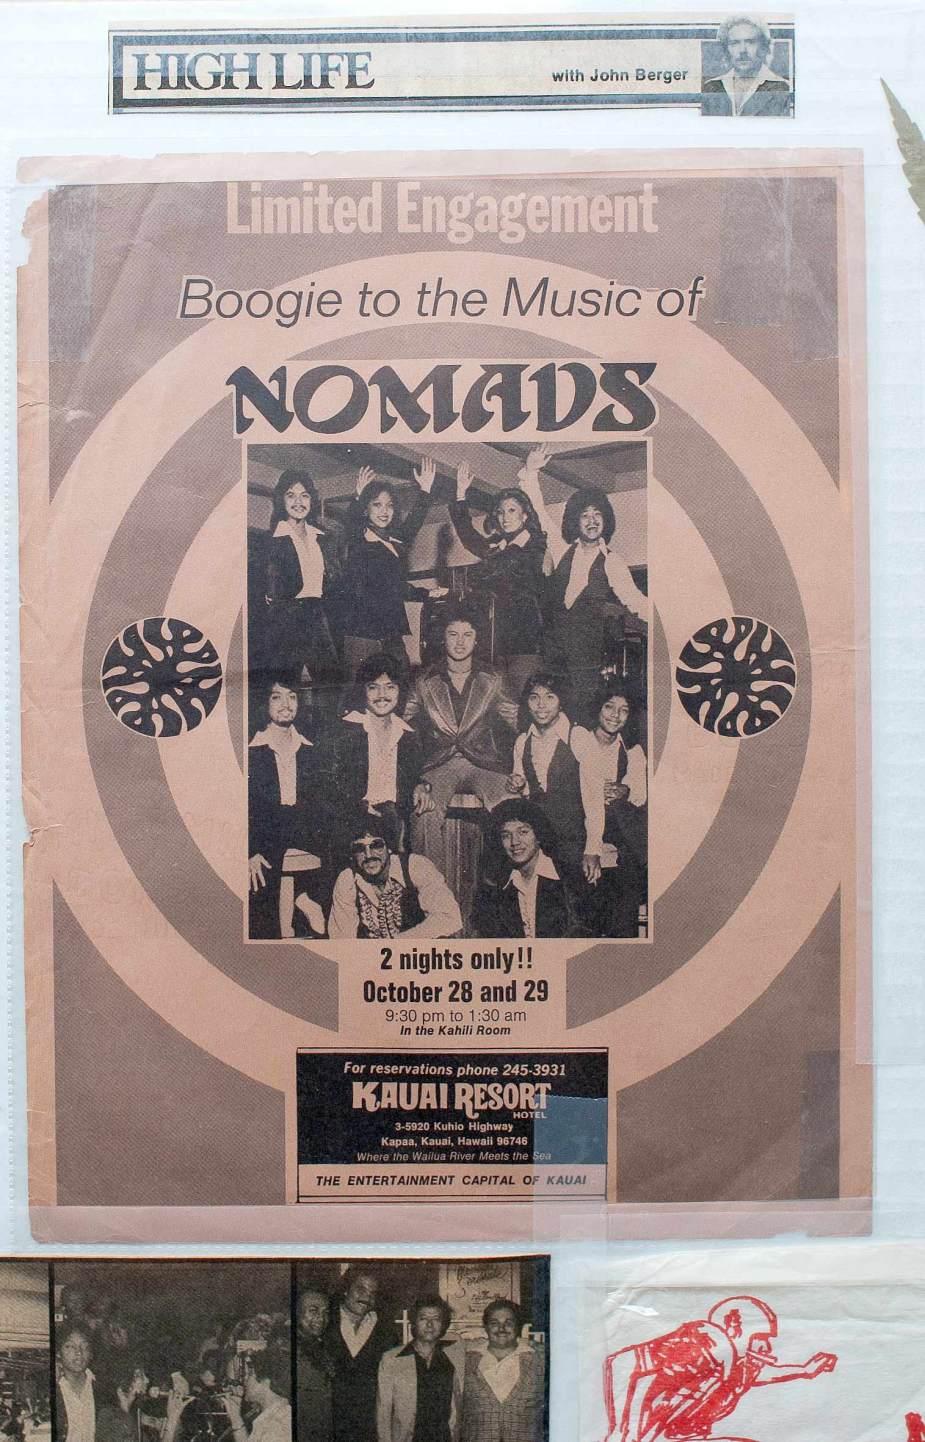 Nomads (Aura) Boogie Nights